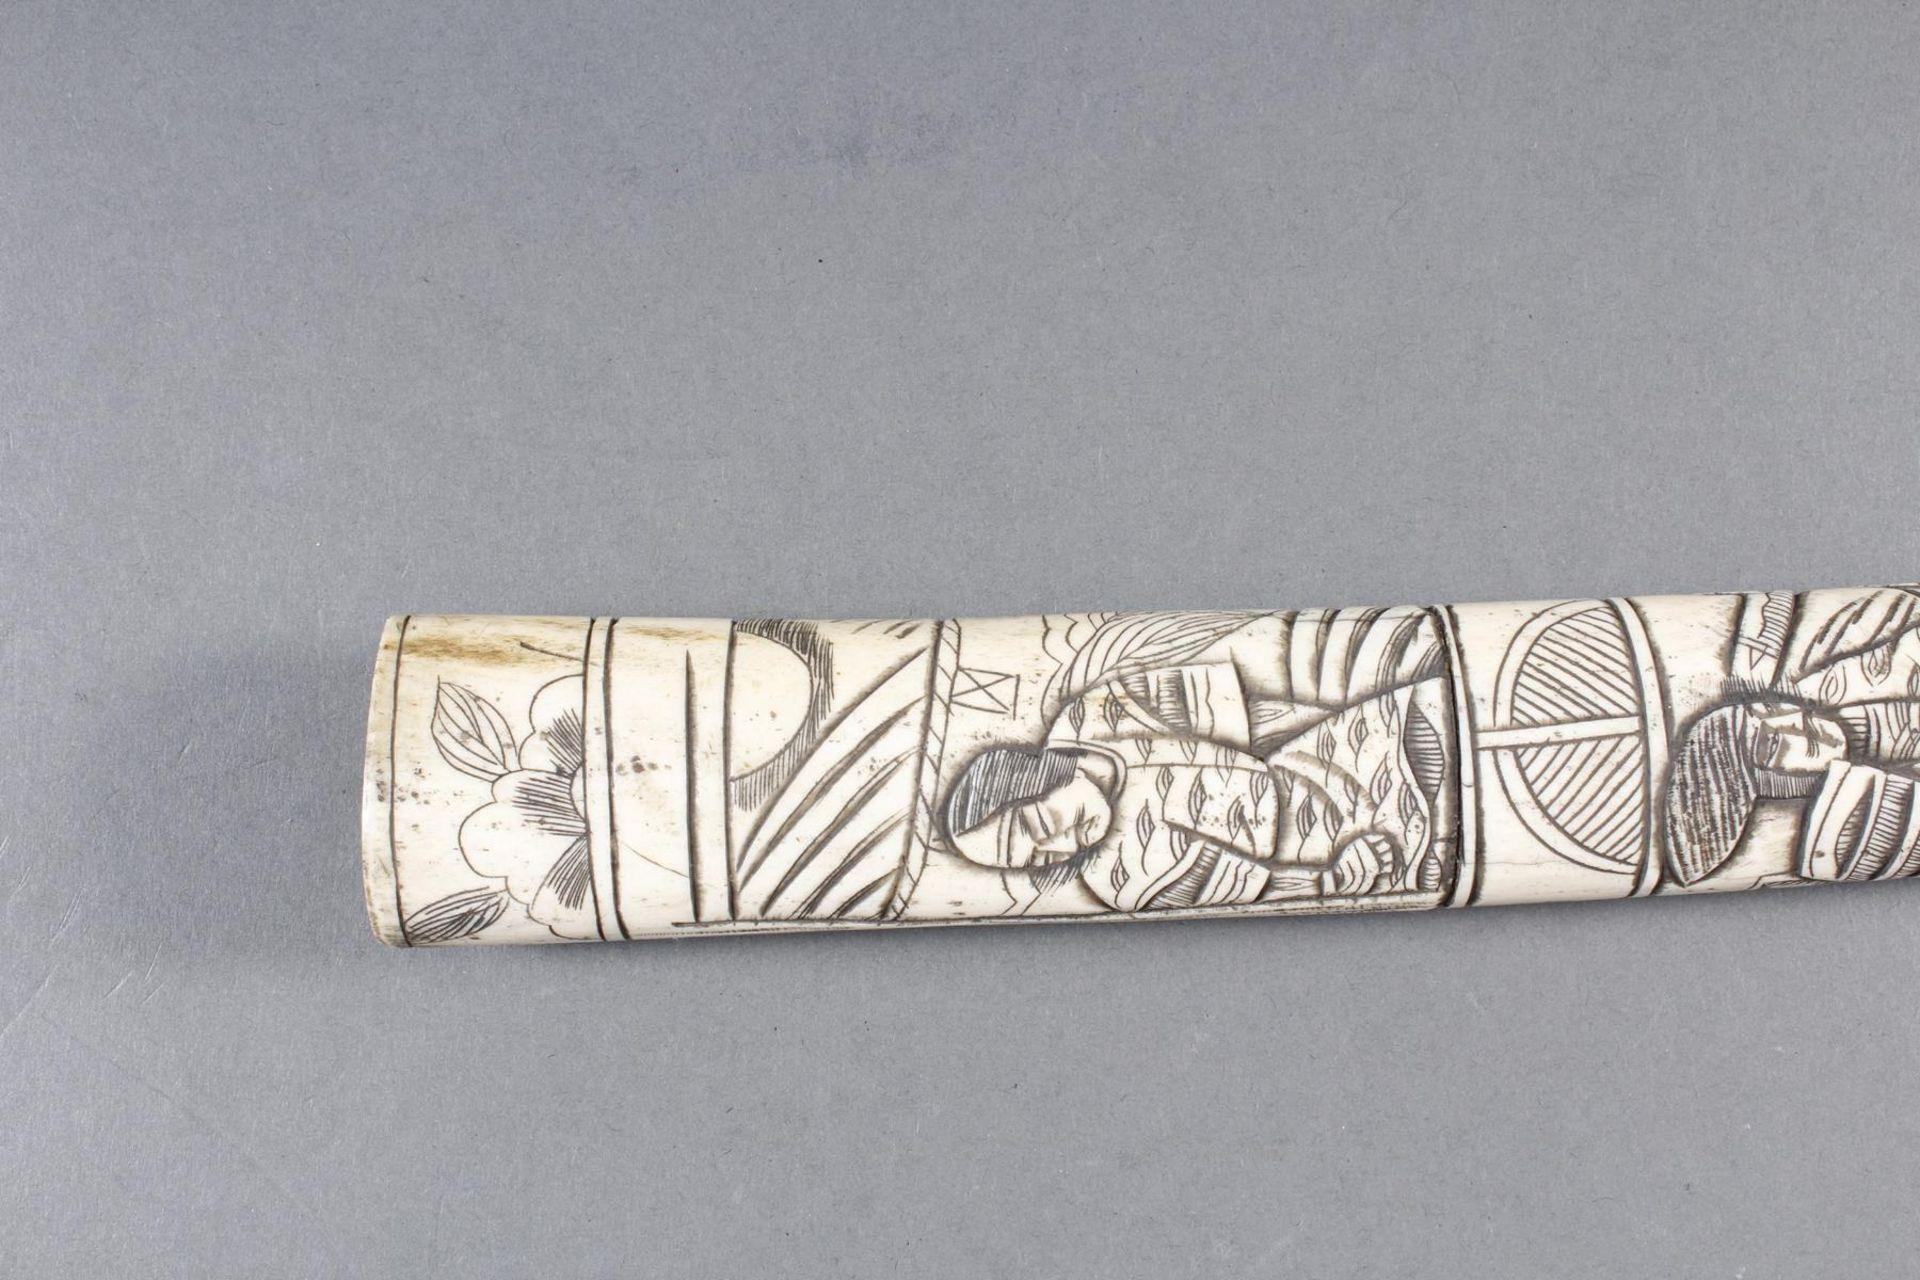 Kurzschwert aus Hirschhorn, Japan Meiji Periode - Bild 12 aus 12